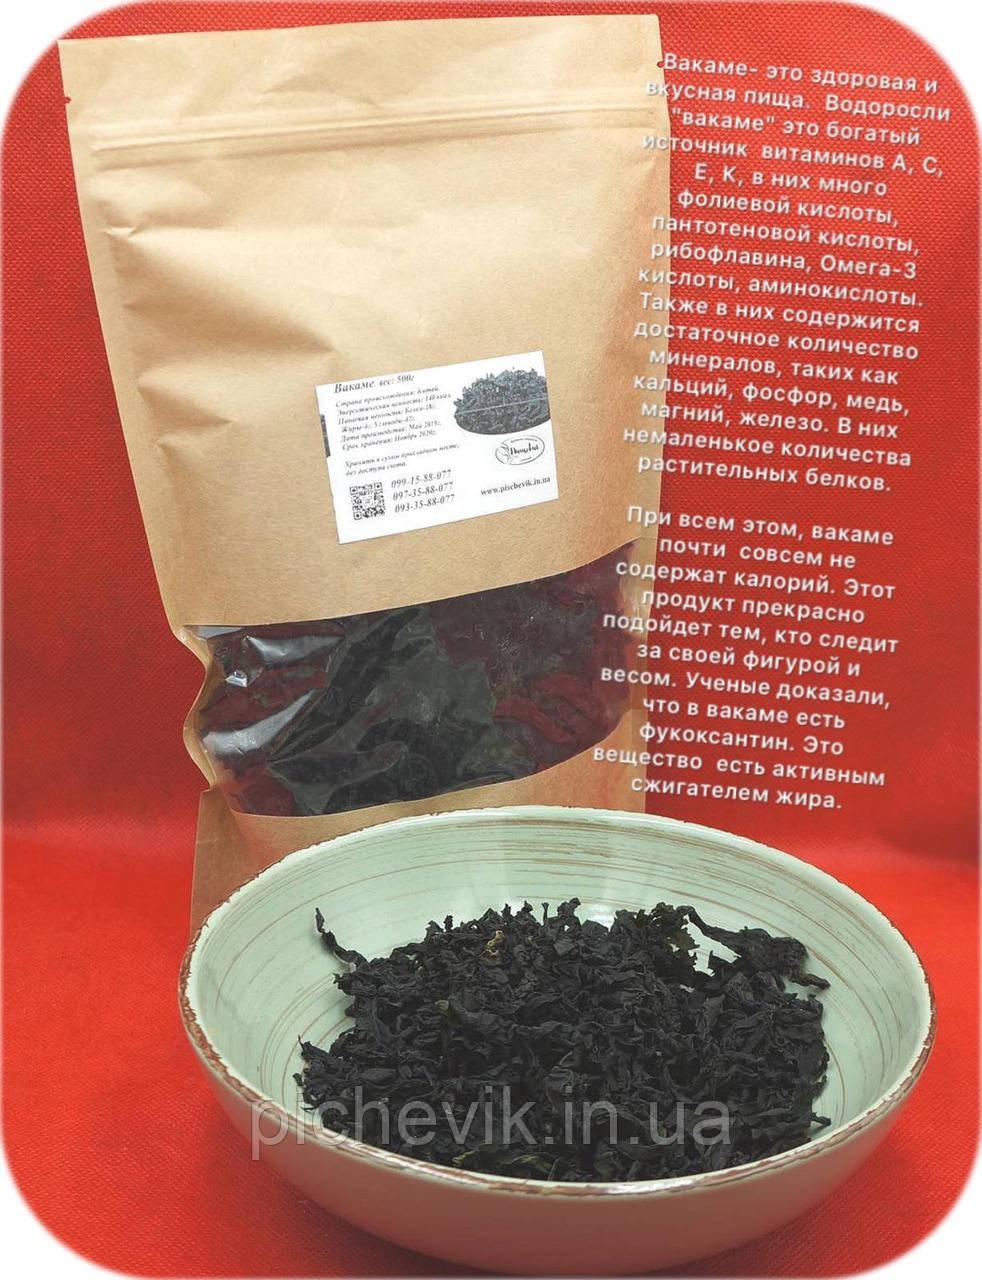 Вакаме (Китай) Вес: 1 кг